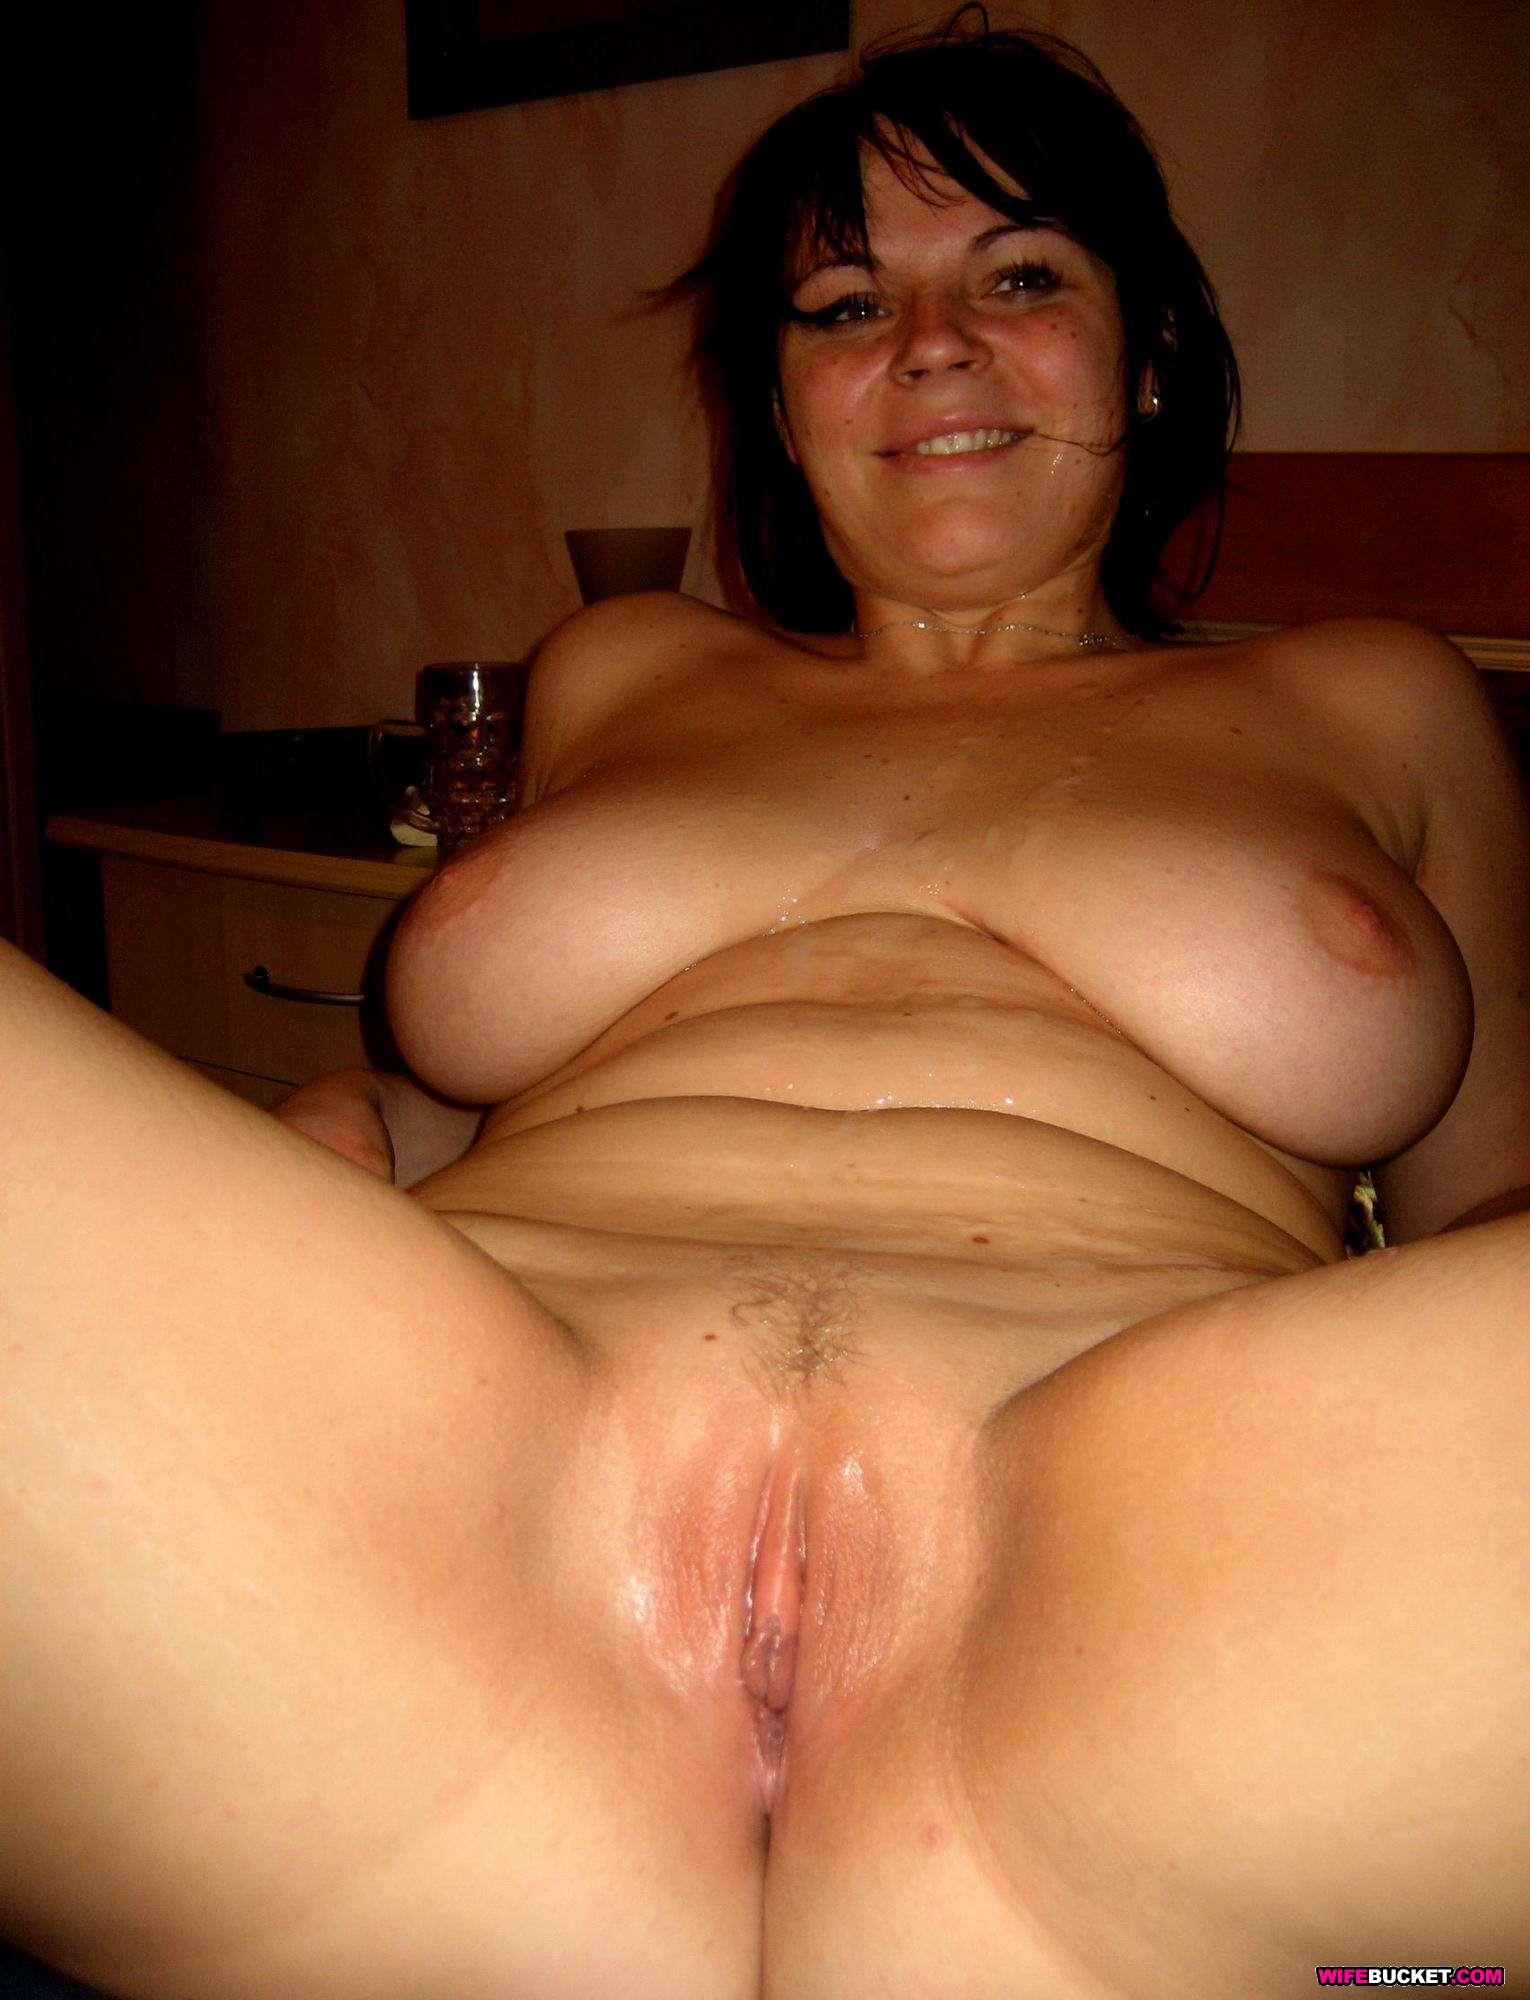 Жена с большой грудью дом порно